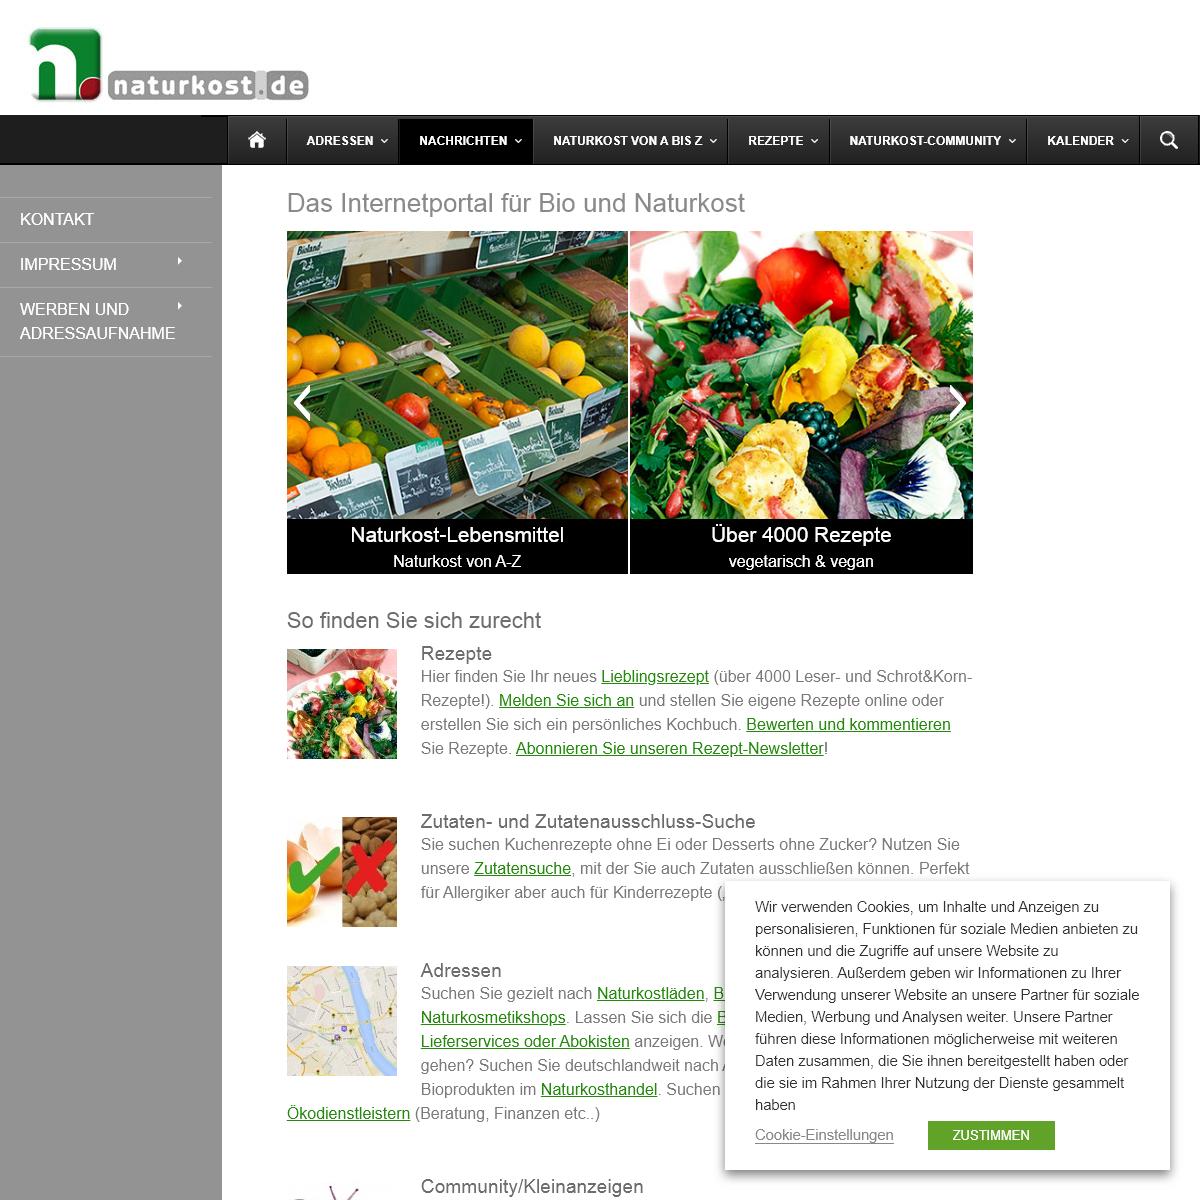 Das Internet-Portal für Bio und Naturkost